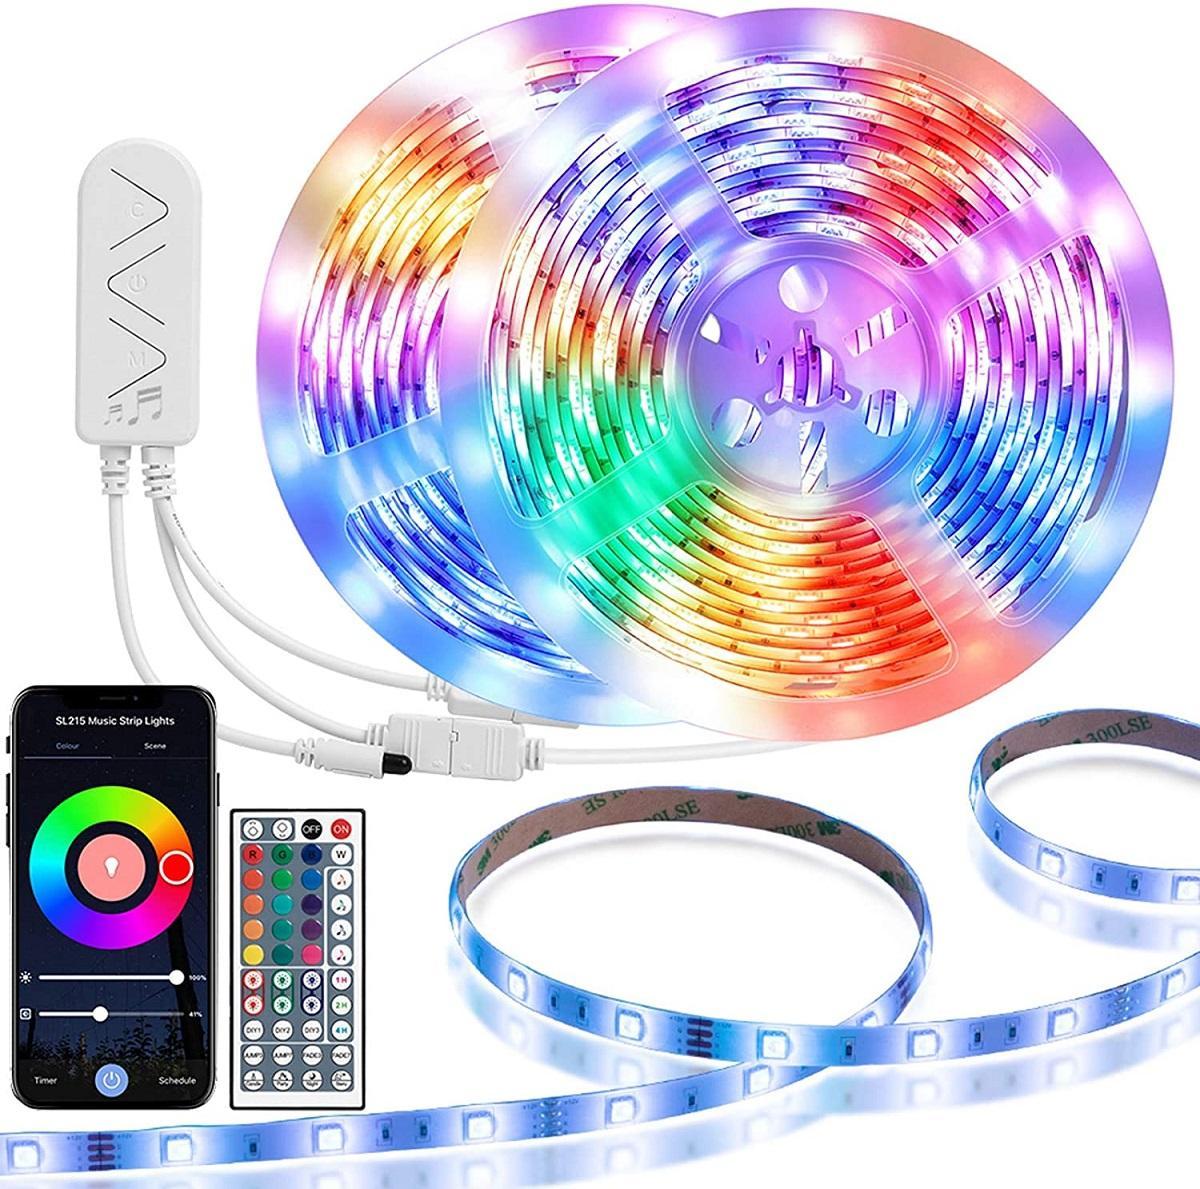 LED قطاع ضوء RGB 5050 مرنة الصمام الخفيفة قطاع 10 متر 15 متر 20 متر 12 فولت أدى الشريط + محول الطاقة + بلوتوث تحكم الموسيقى